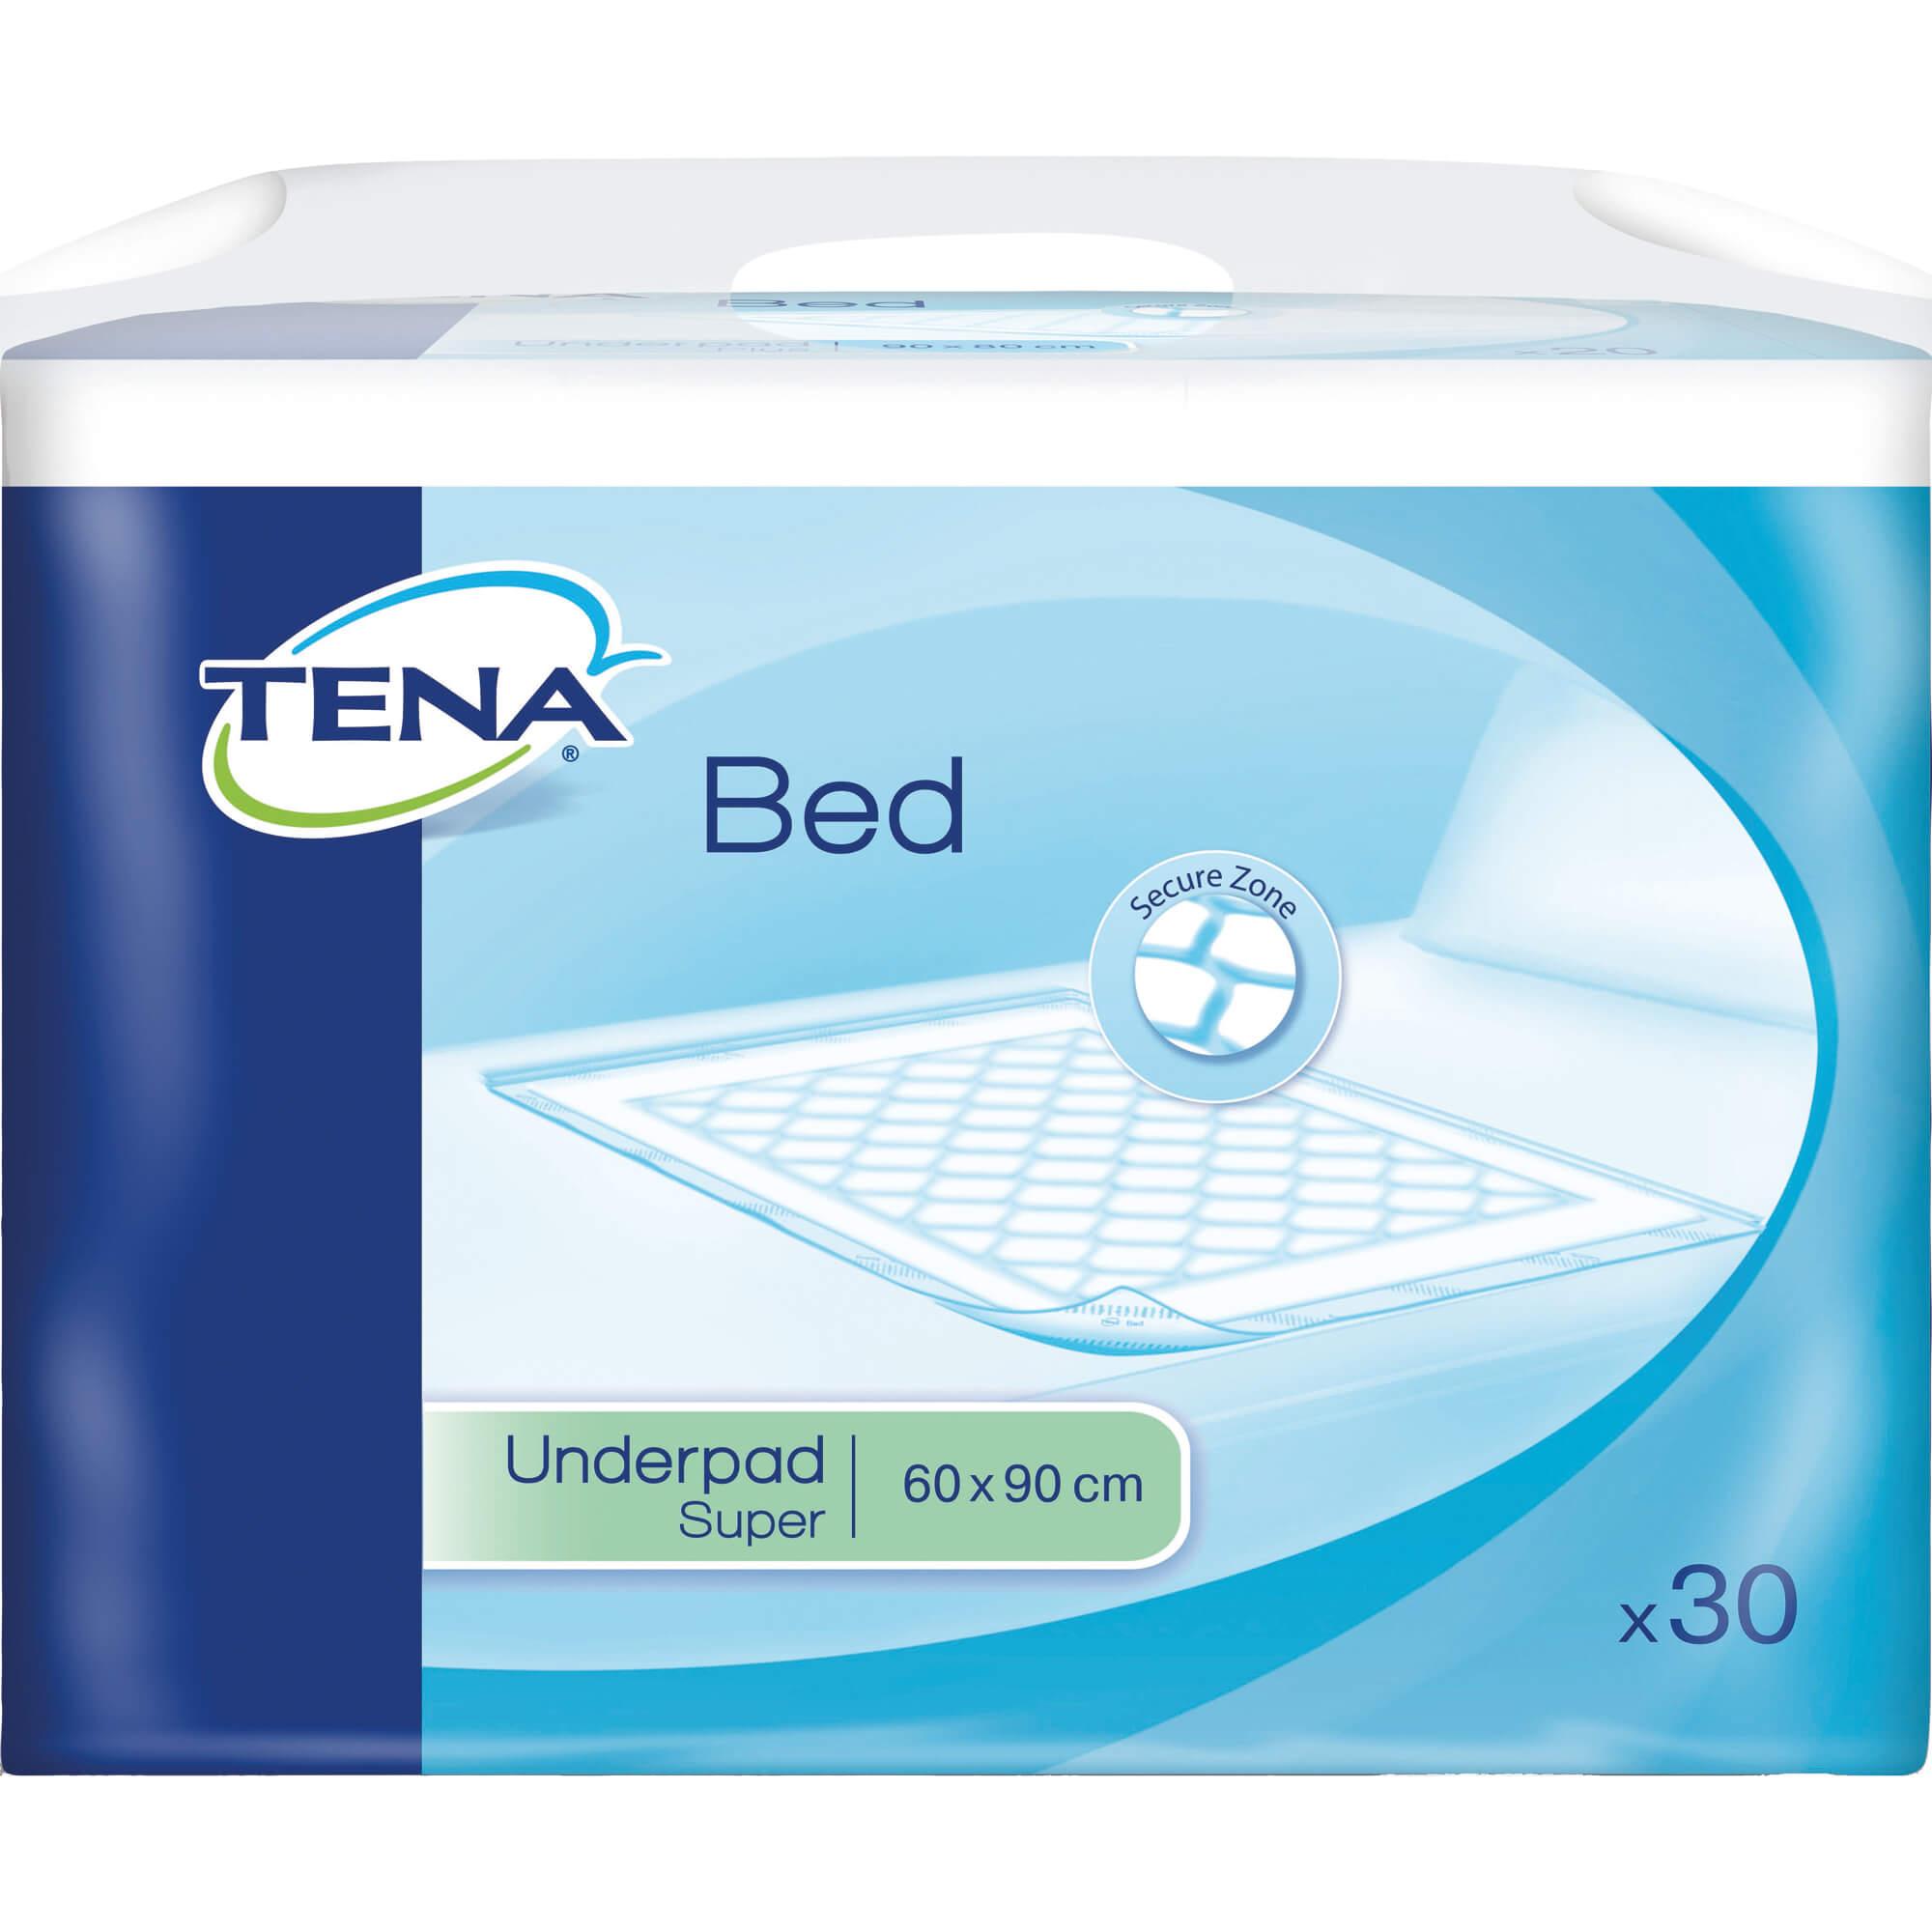 TENA BED super 60x90 cm